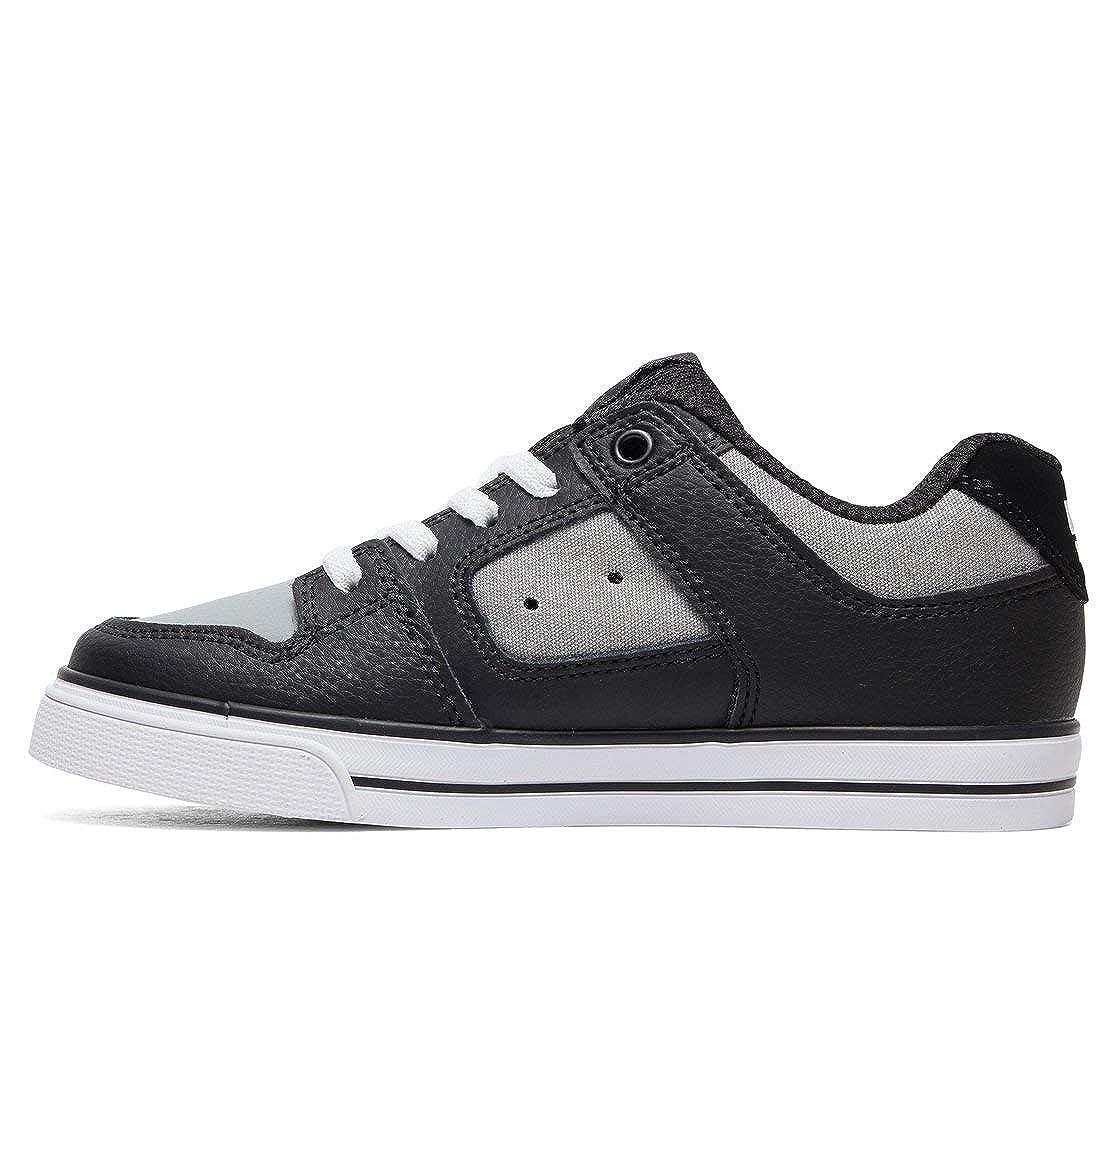 DC Shoes Pure Elastic, Sneakers Basses Garçon Noir (BlackMulti), 30.5 EU (12 UK)